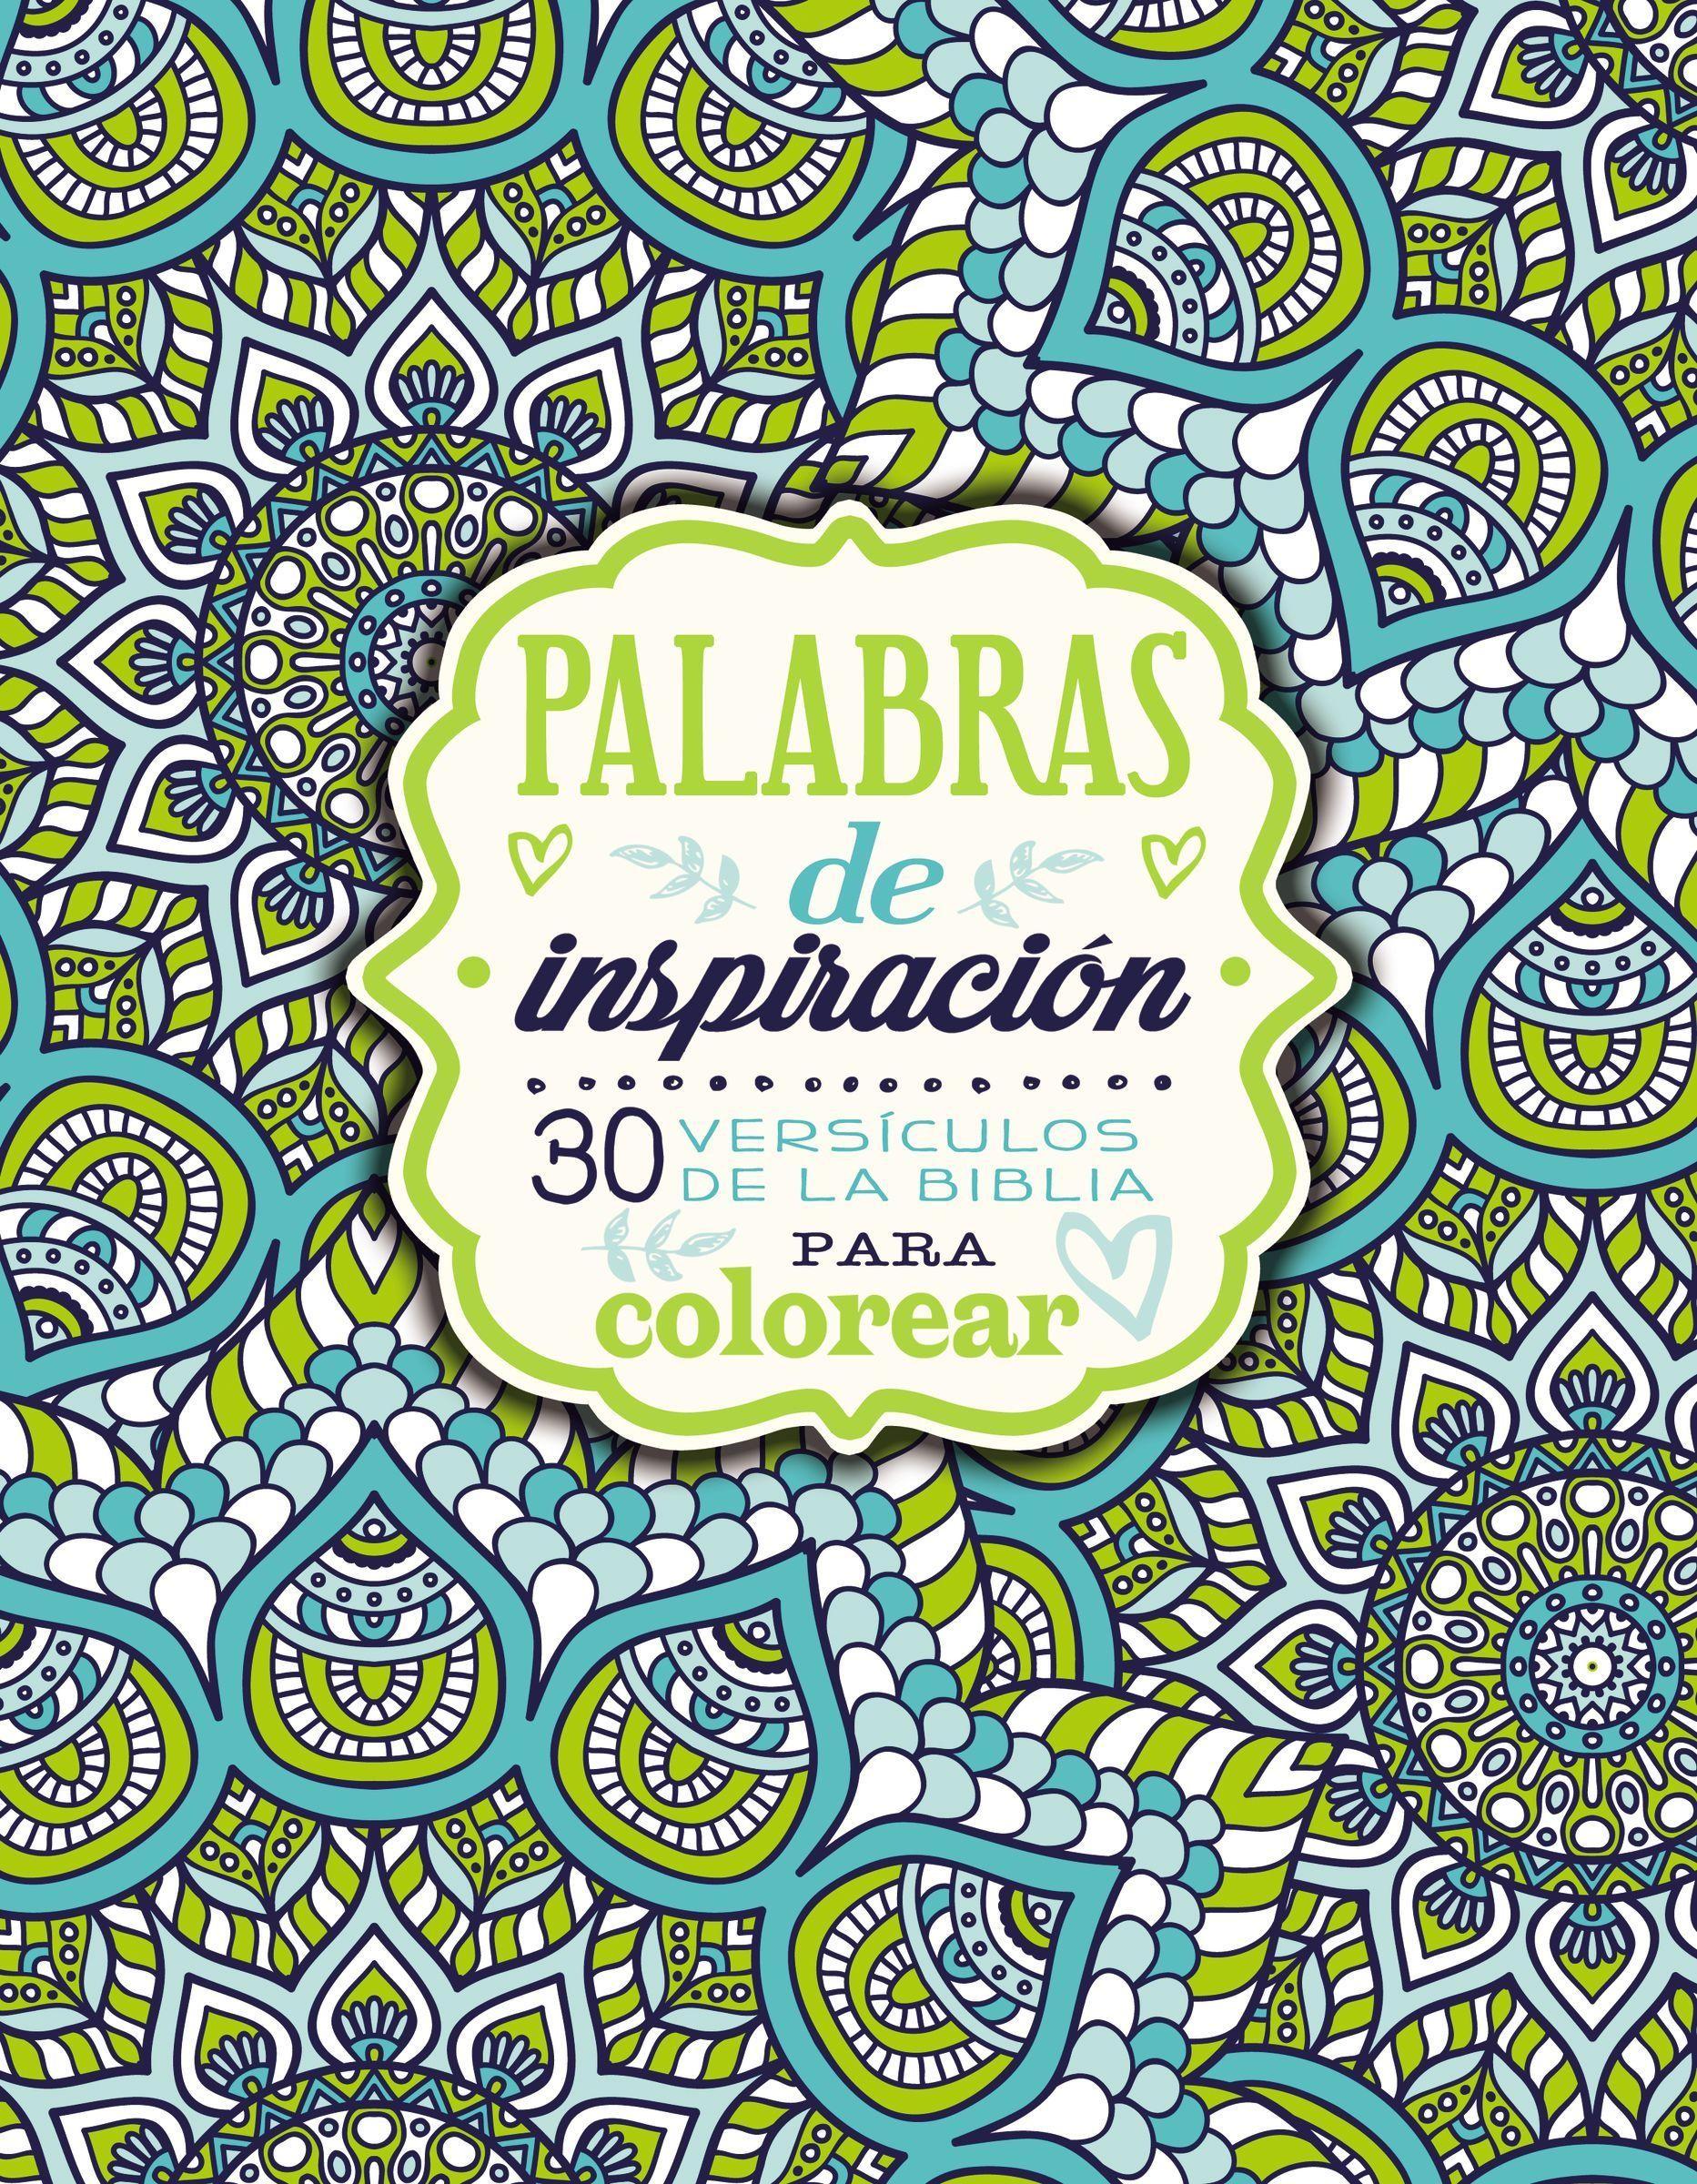 de Inspiración (Libro para colorear) - 9780829767841 - Zondervan,